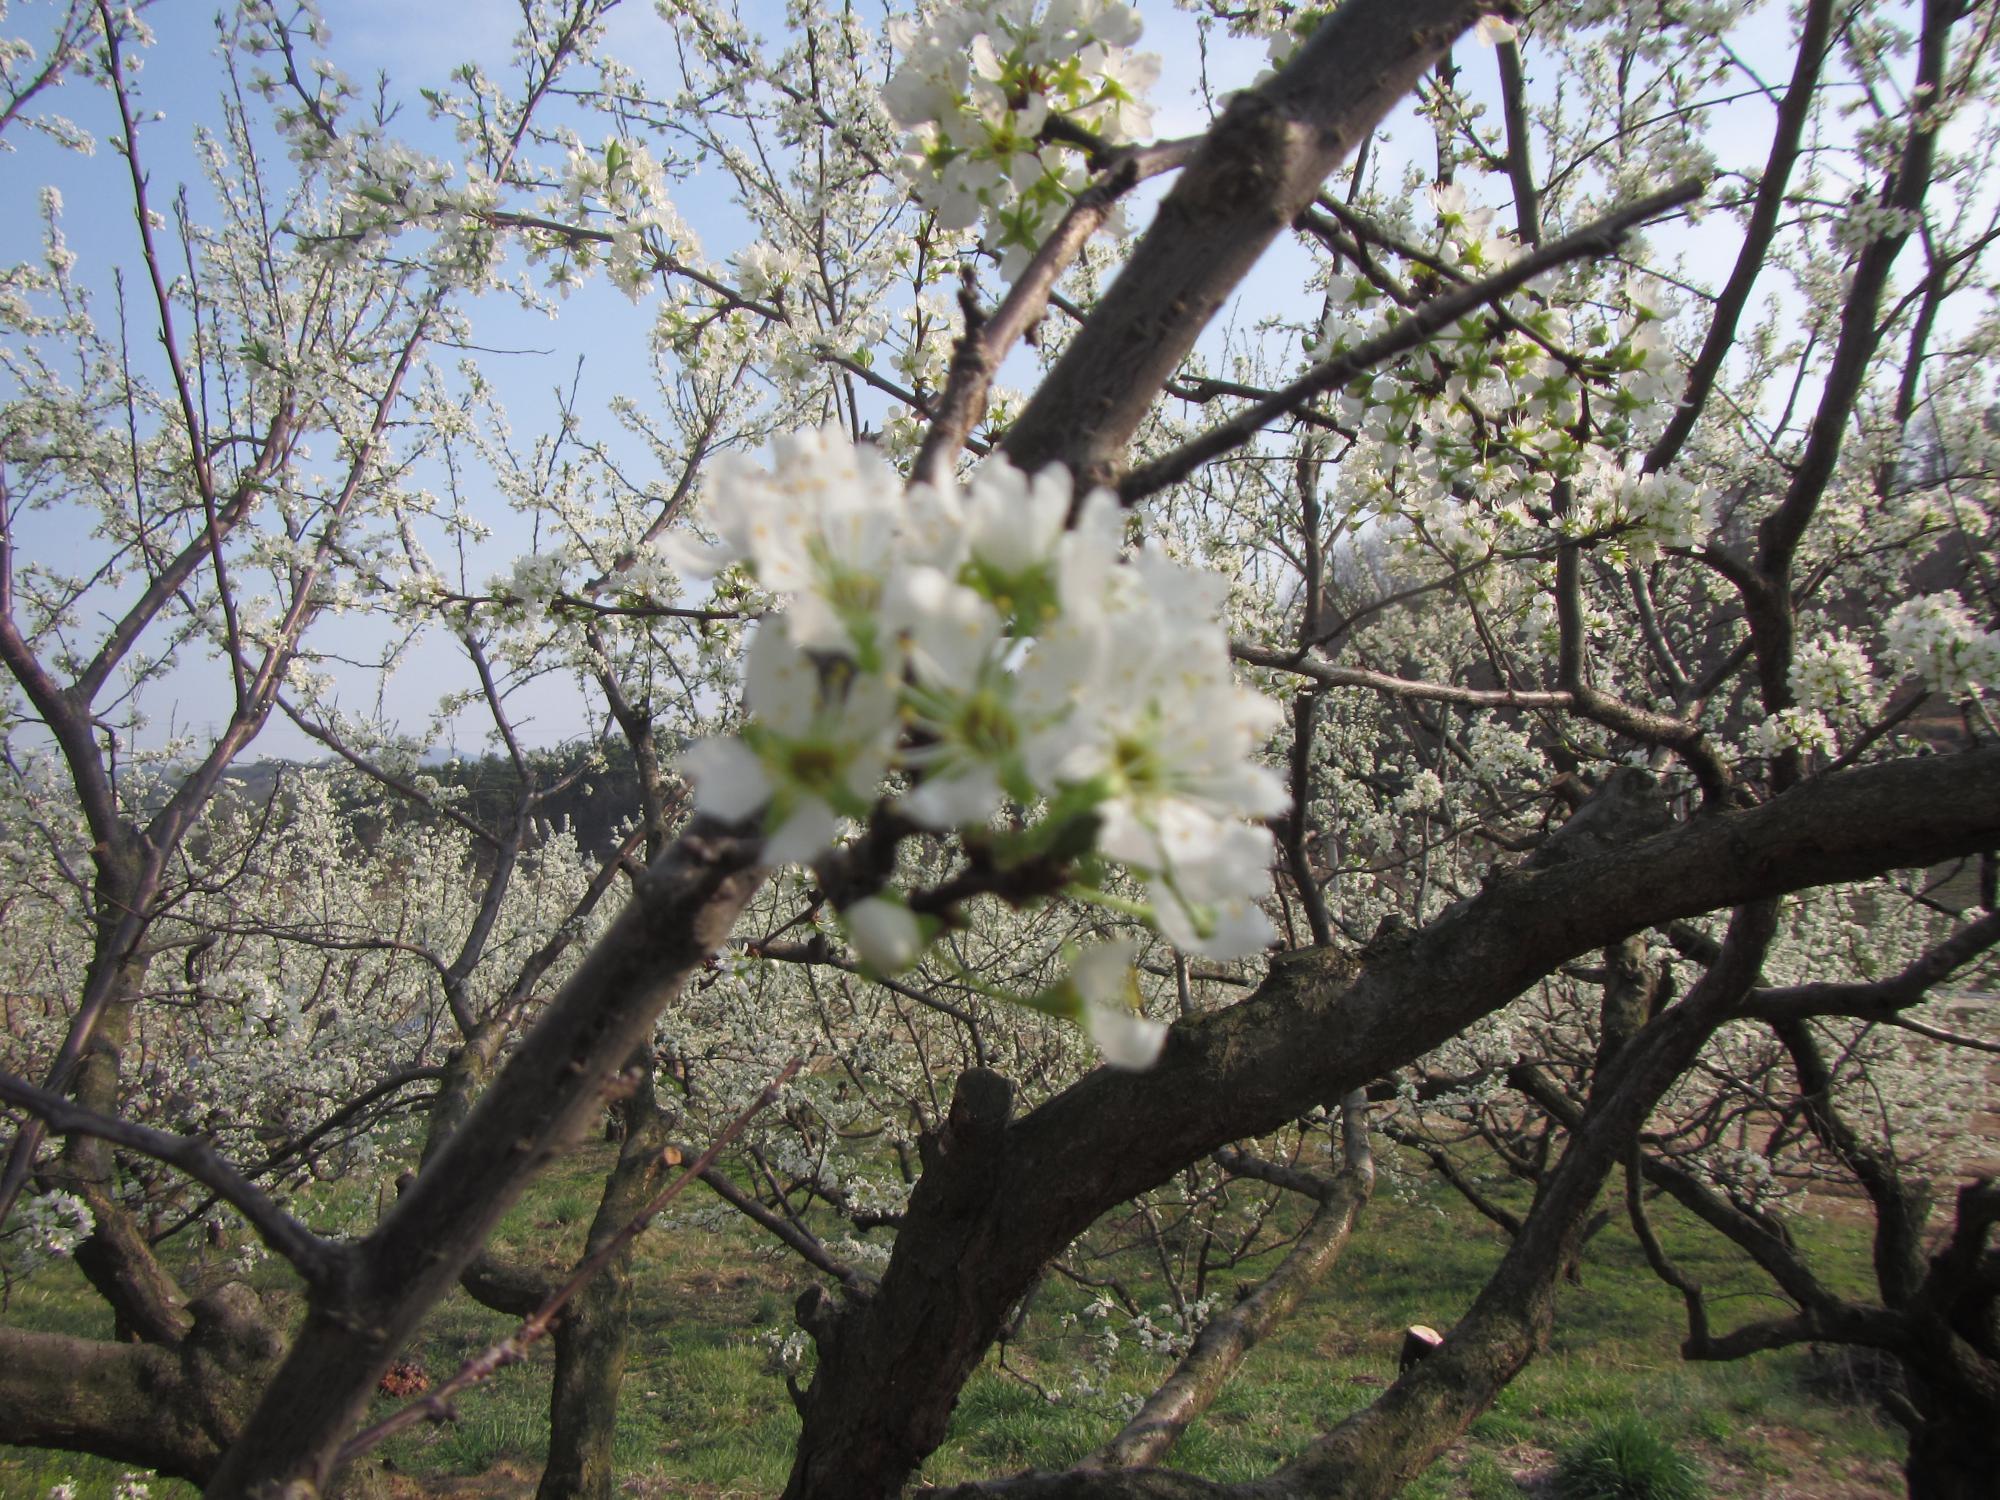 포도덩굴농원의 자두밭